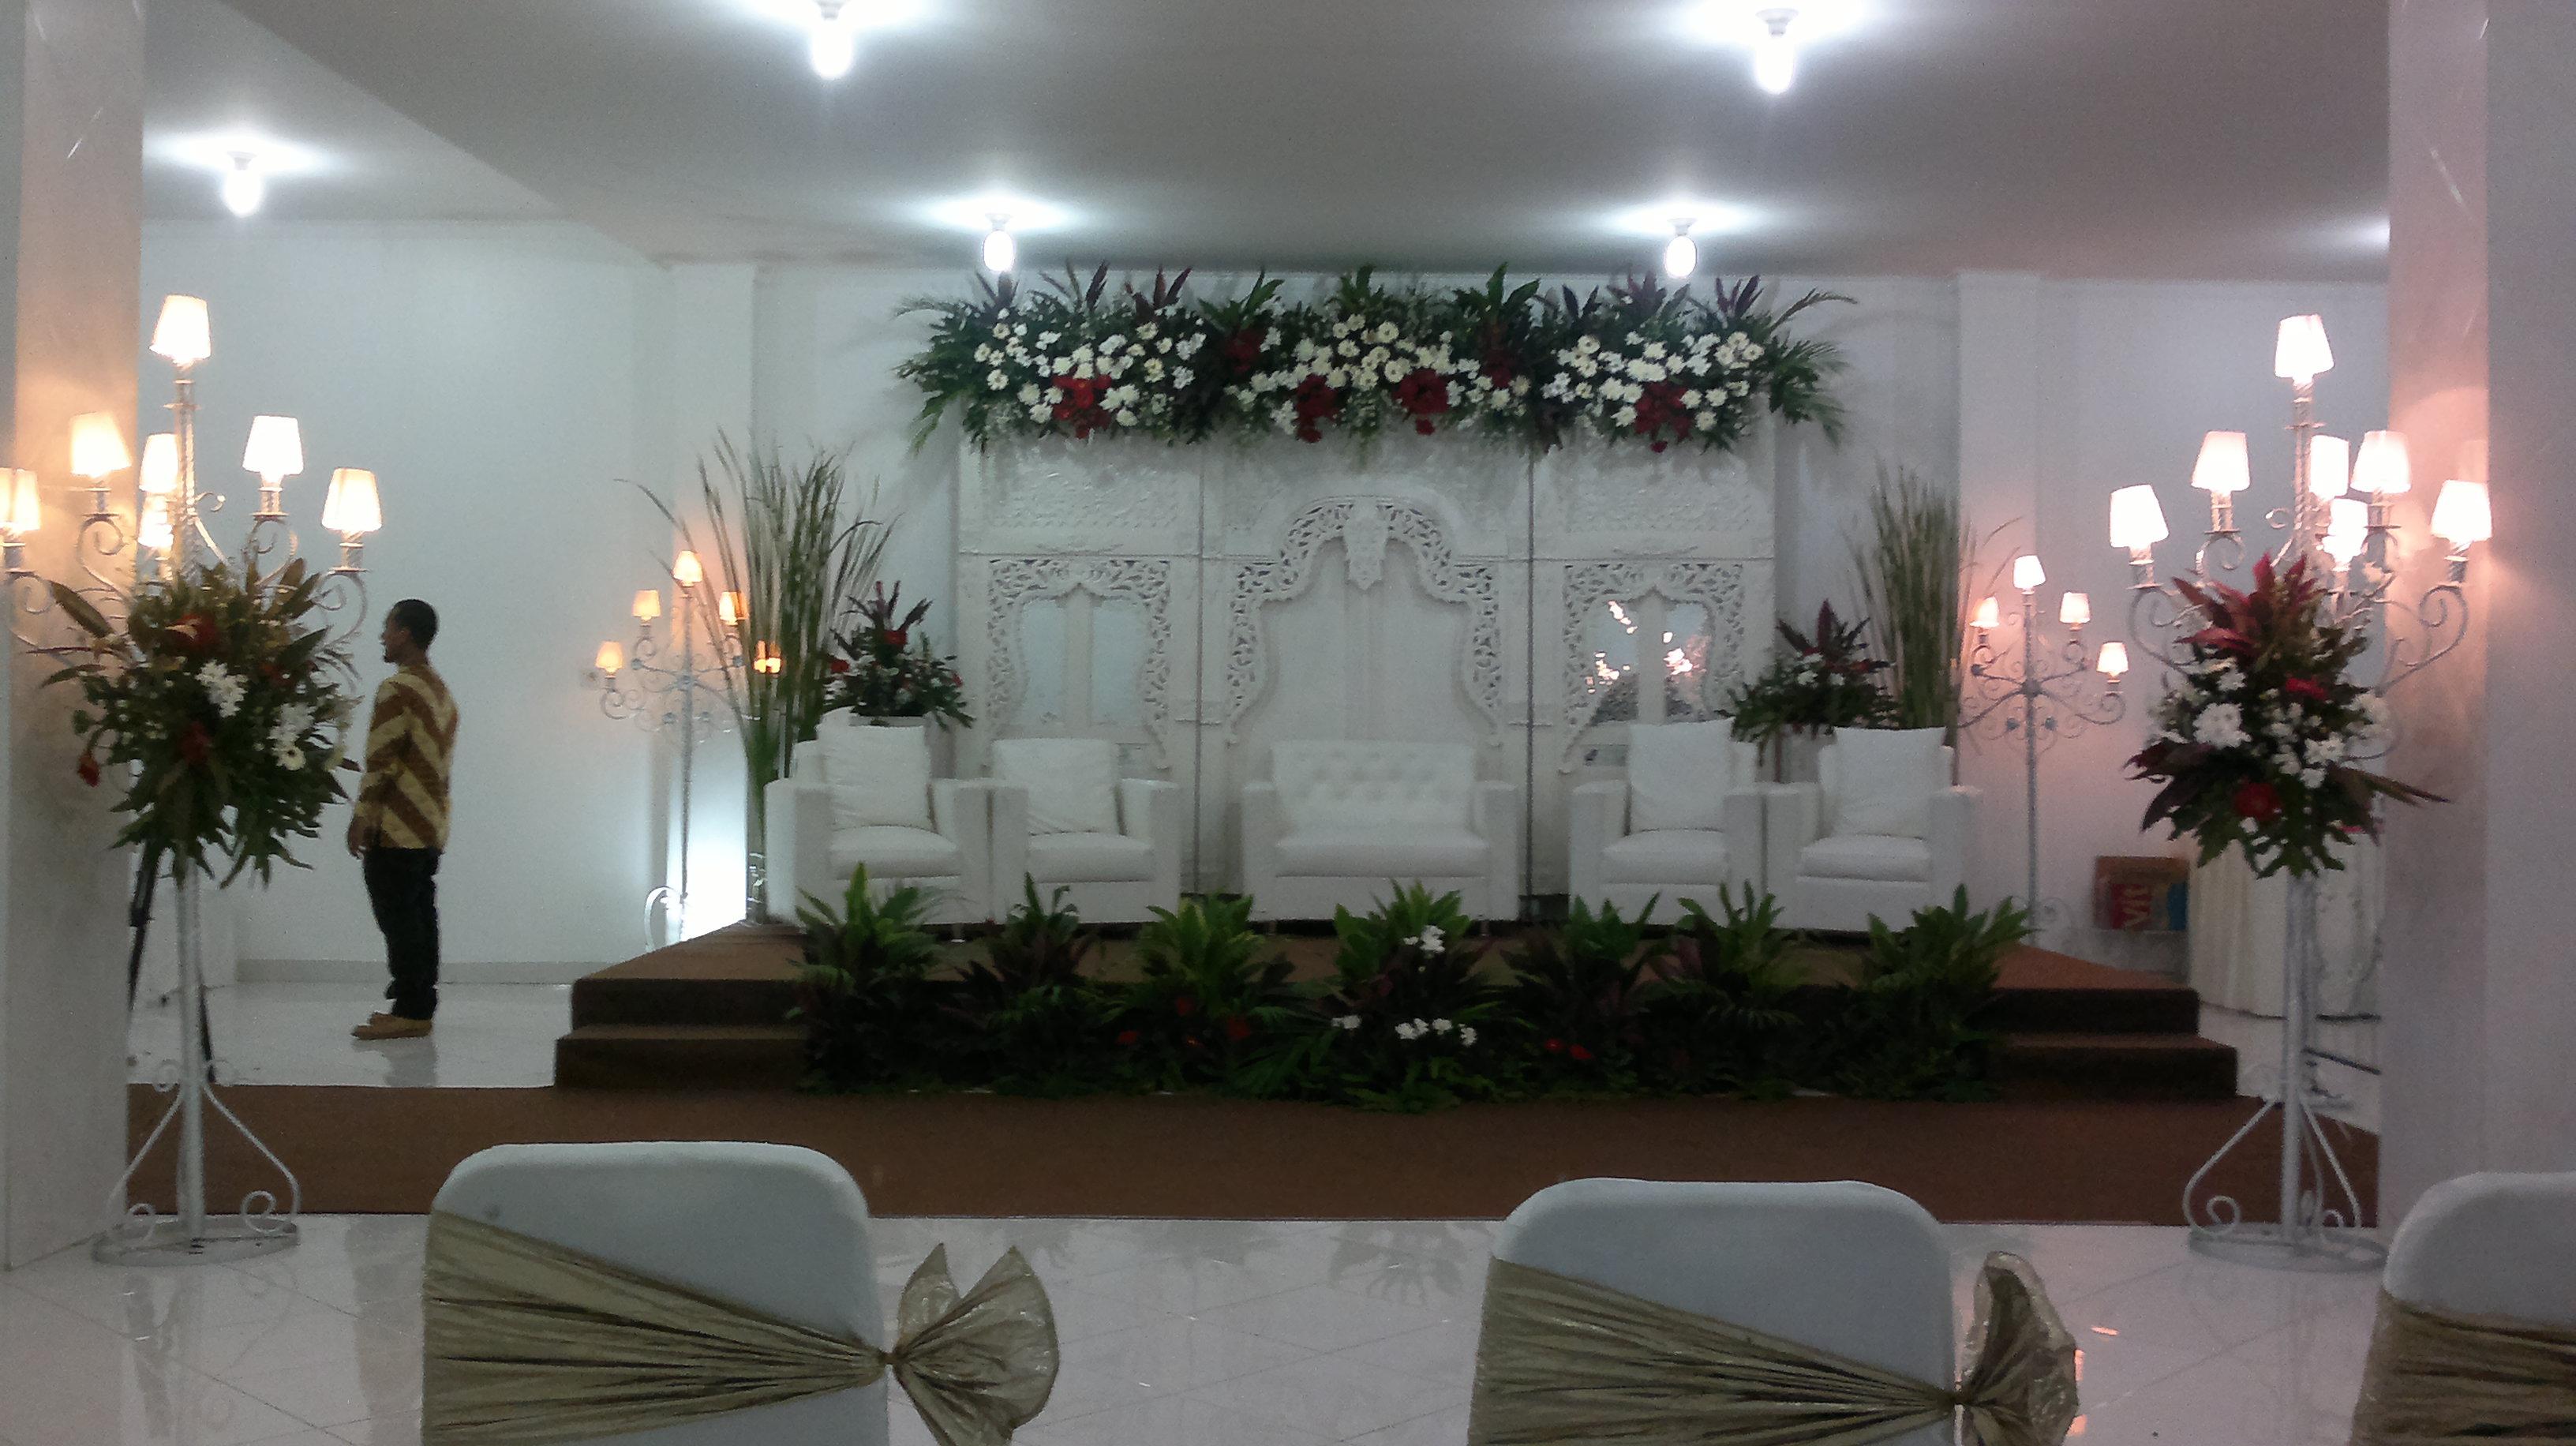 Pernikahan di jakarta selatan gedung pernikahan di jakarta selatan junglespirit Gallery